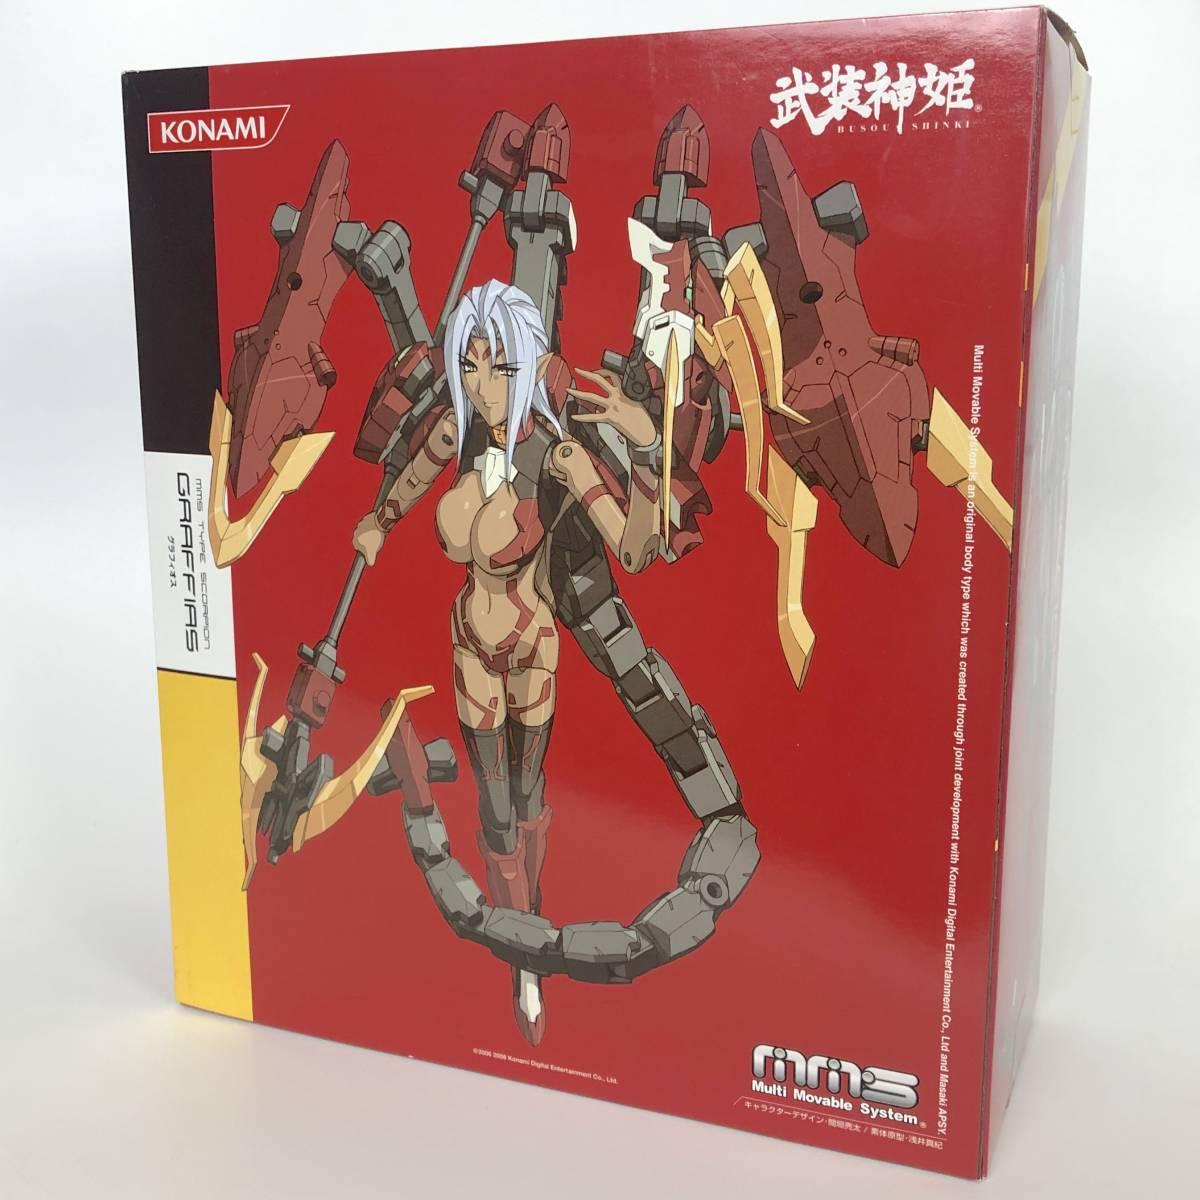 ◆◇武装神姫 グラフィオス コナミ ◇◆